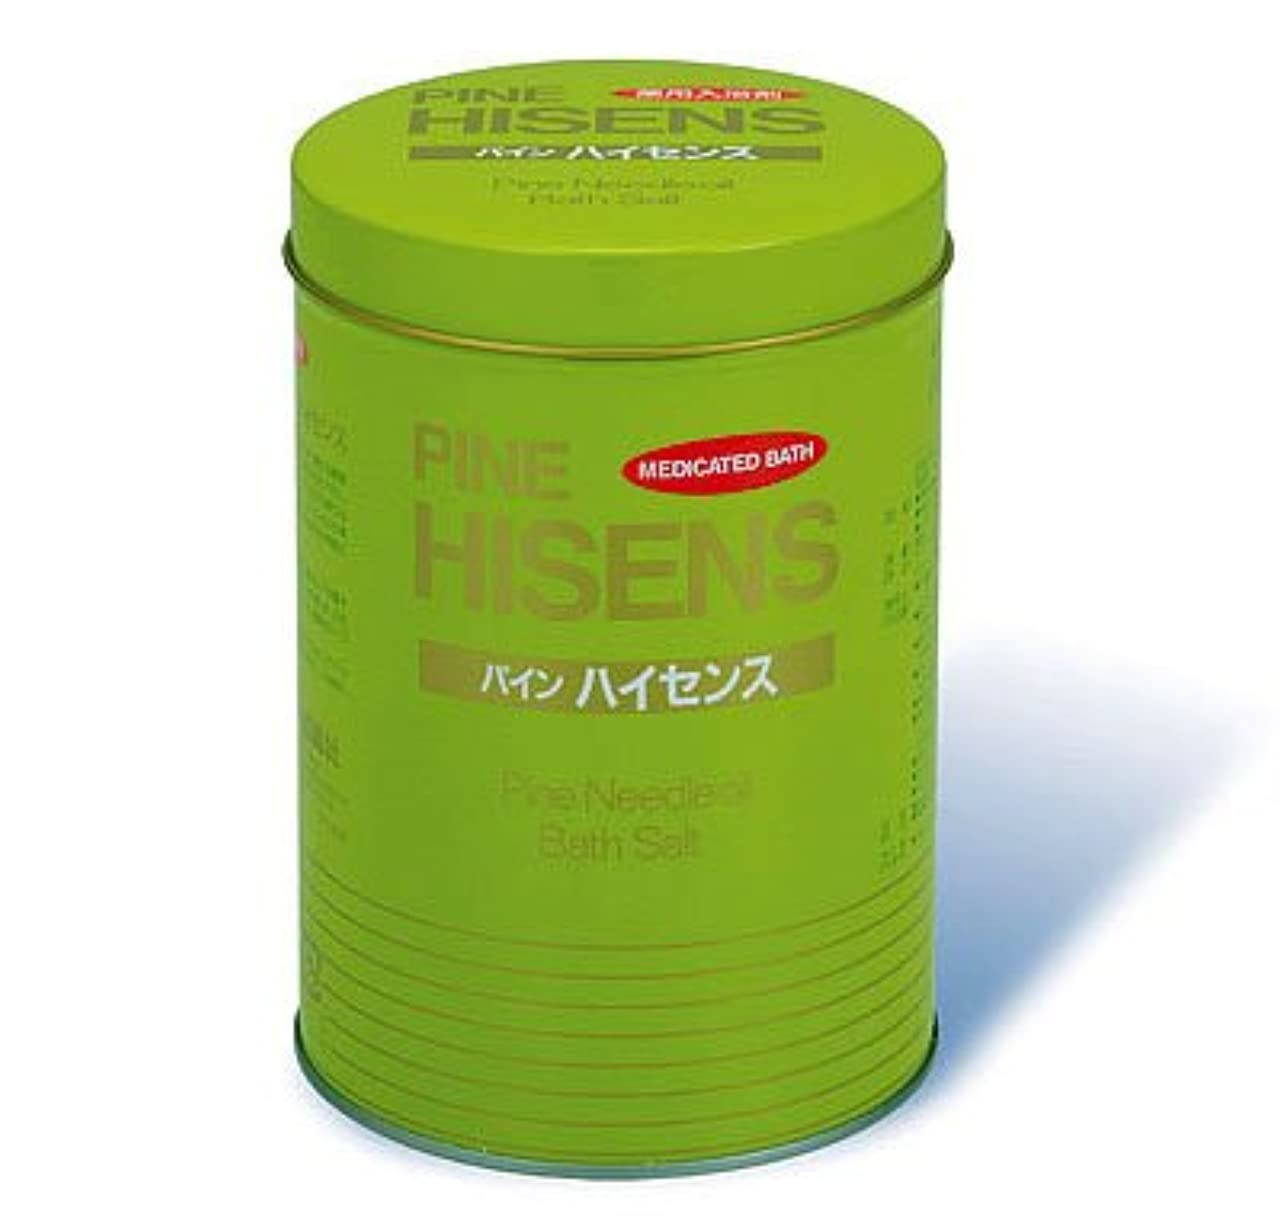 祖父母を訪問伝染性素晴らしい良い多くの高陽社 薬用入浴剤 パインハイセンス 2.1kg 1缶